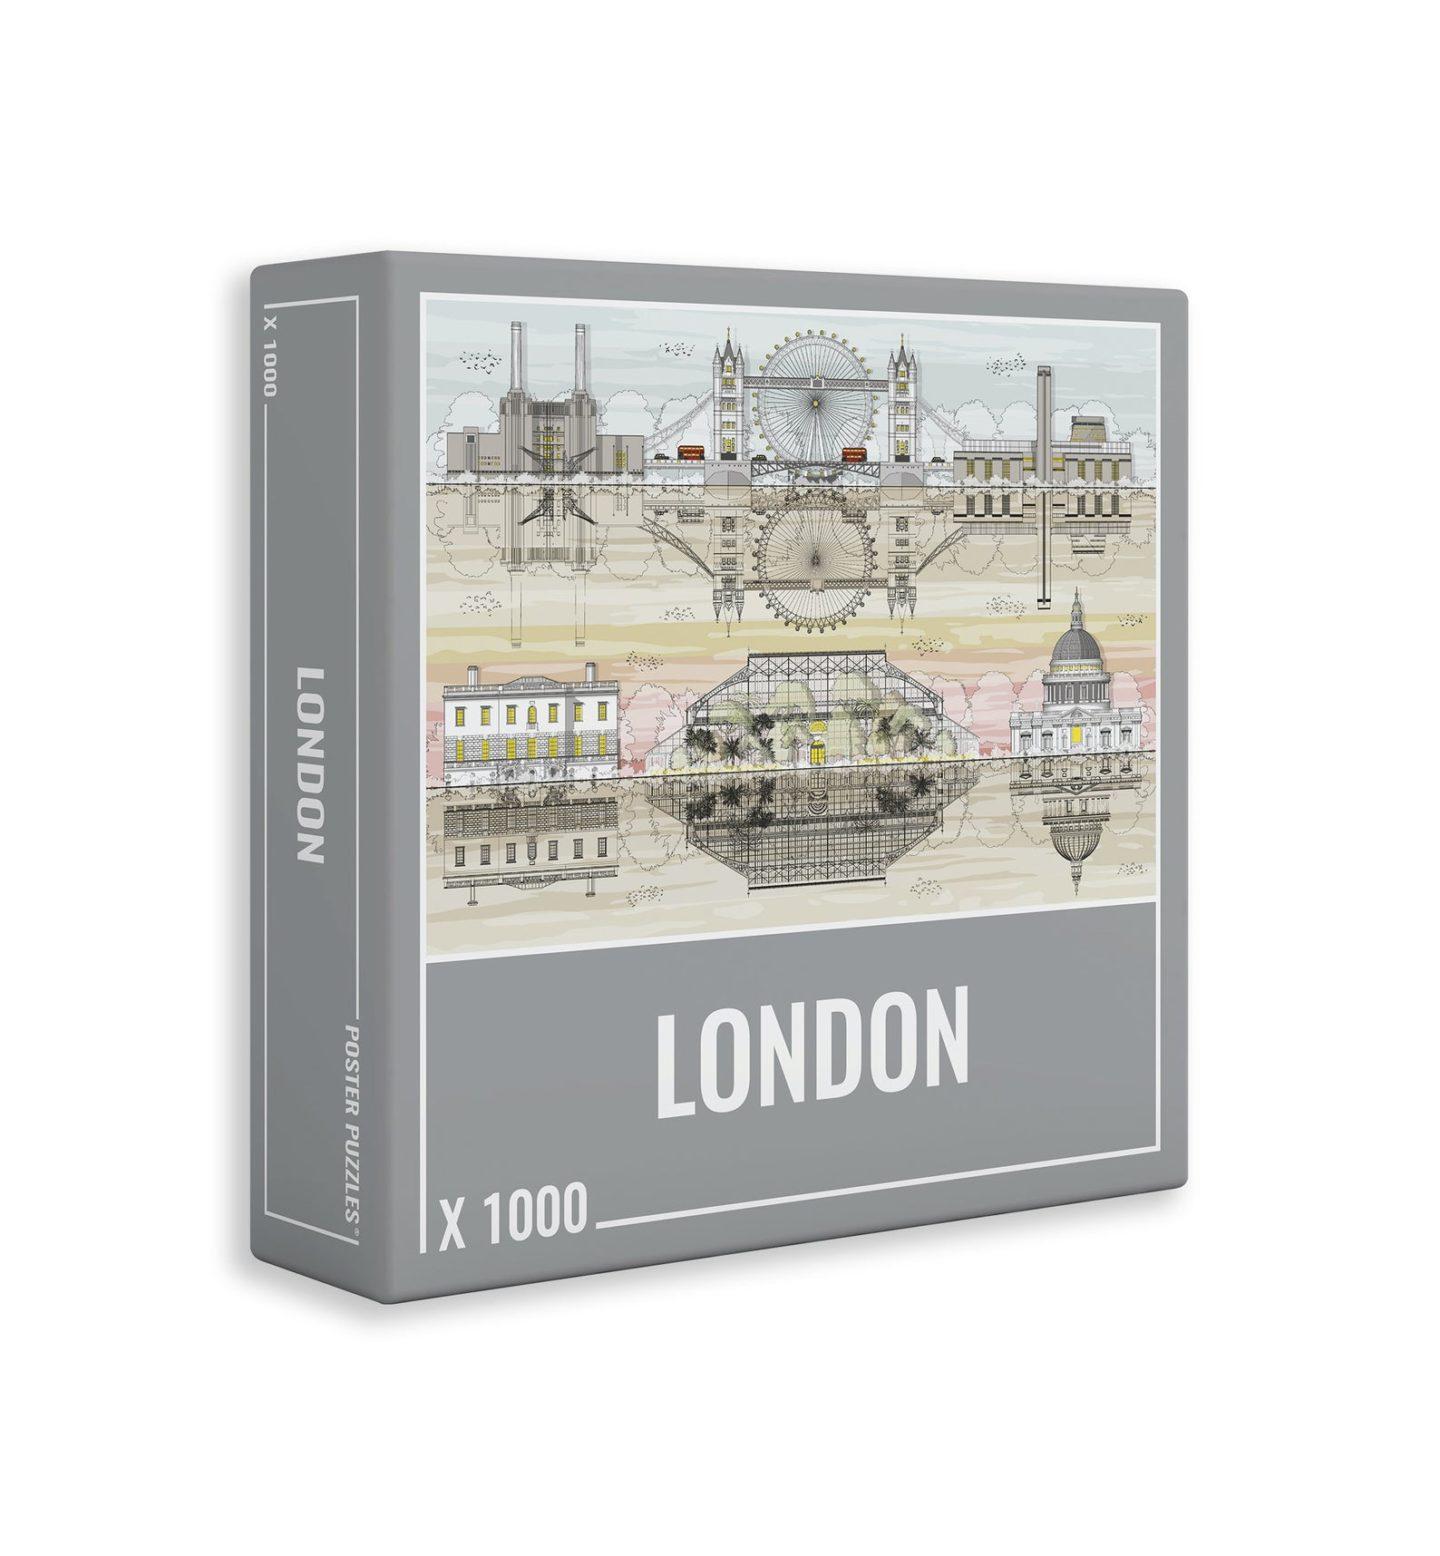 London-puzzle-box-set